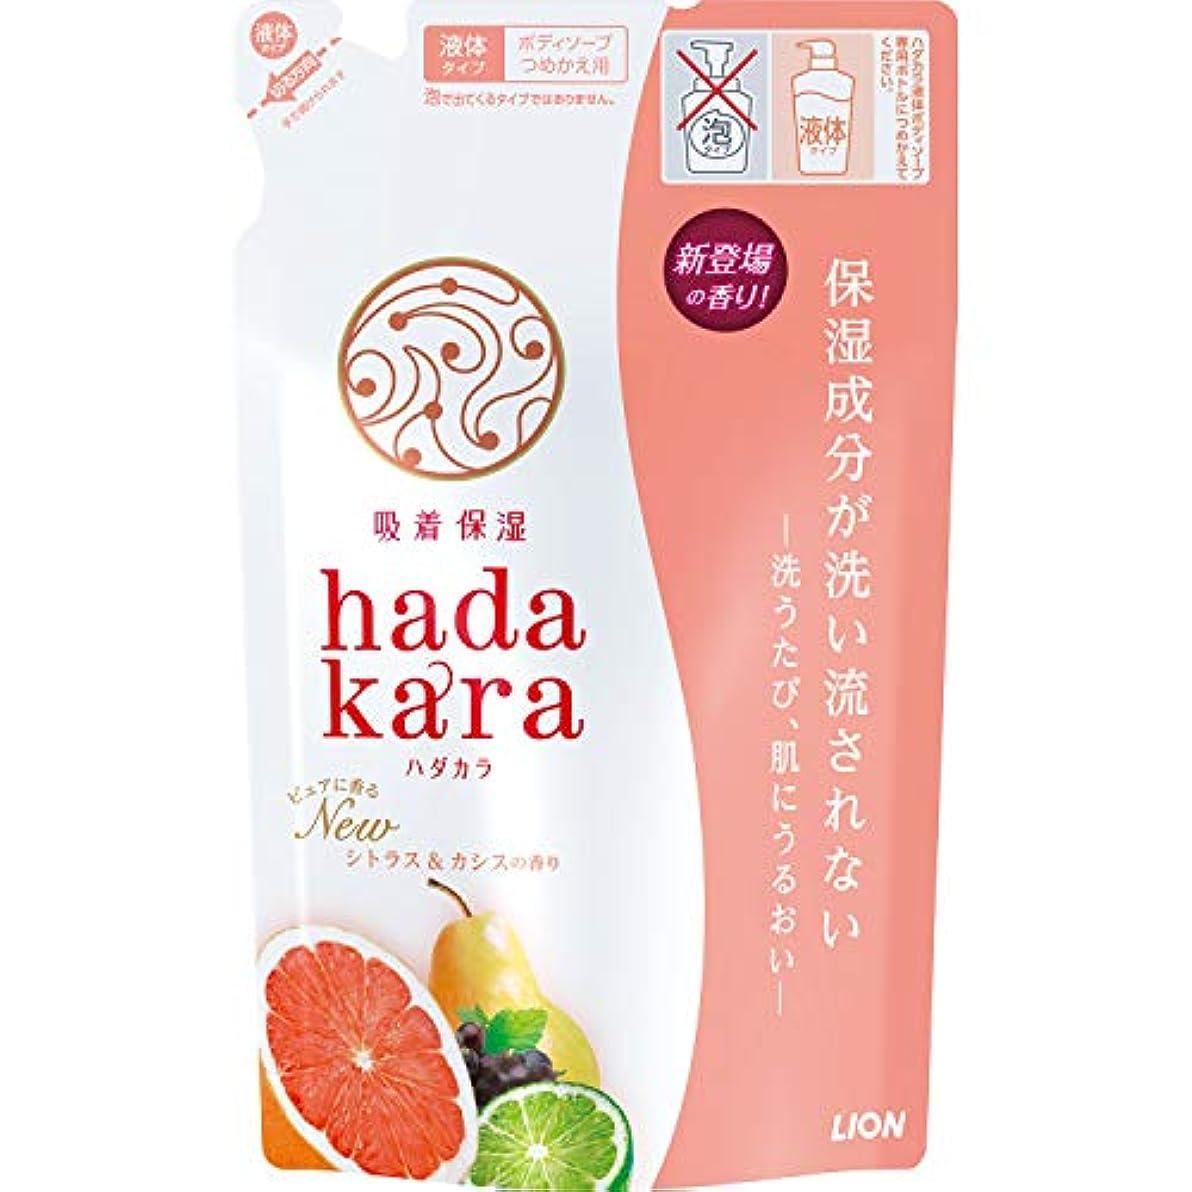 取り囲む妻路面電車hadakara(ハダカラ) ボディソープ シトラス&カシスの香り つめかえ 360ml 詰替え用